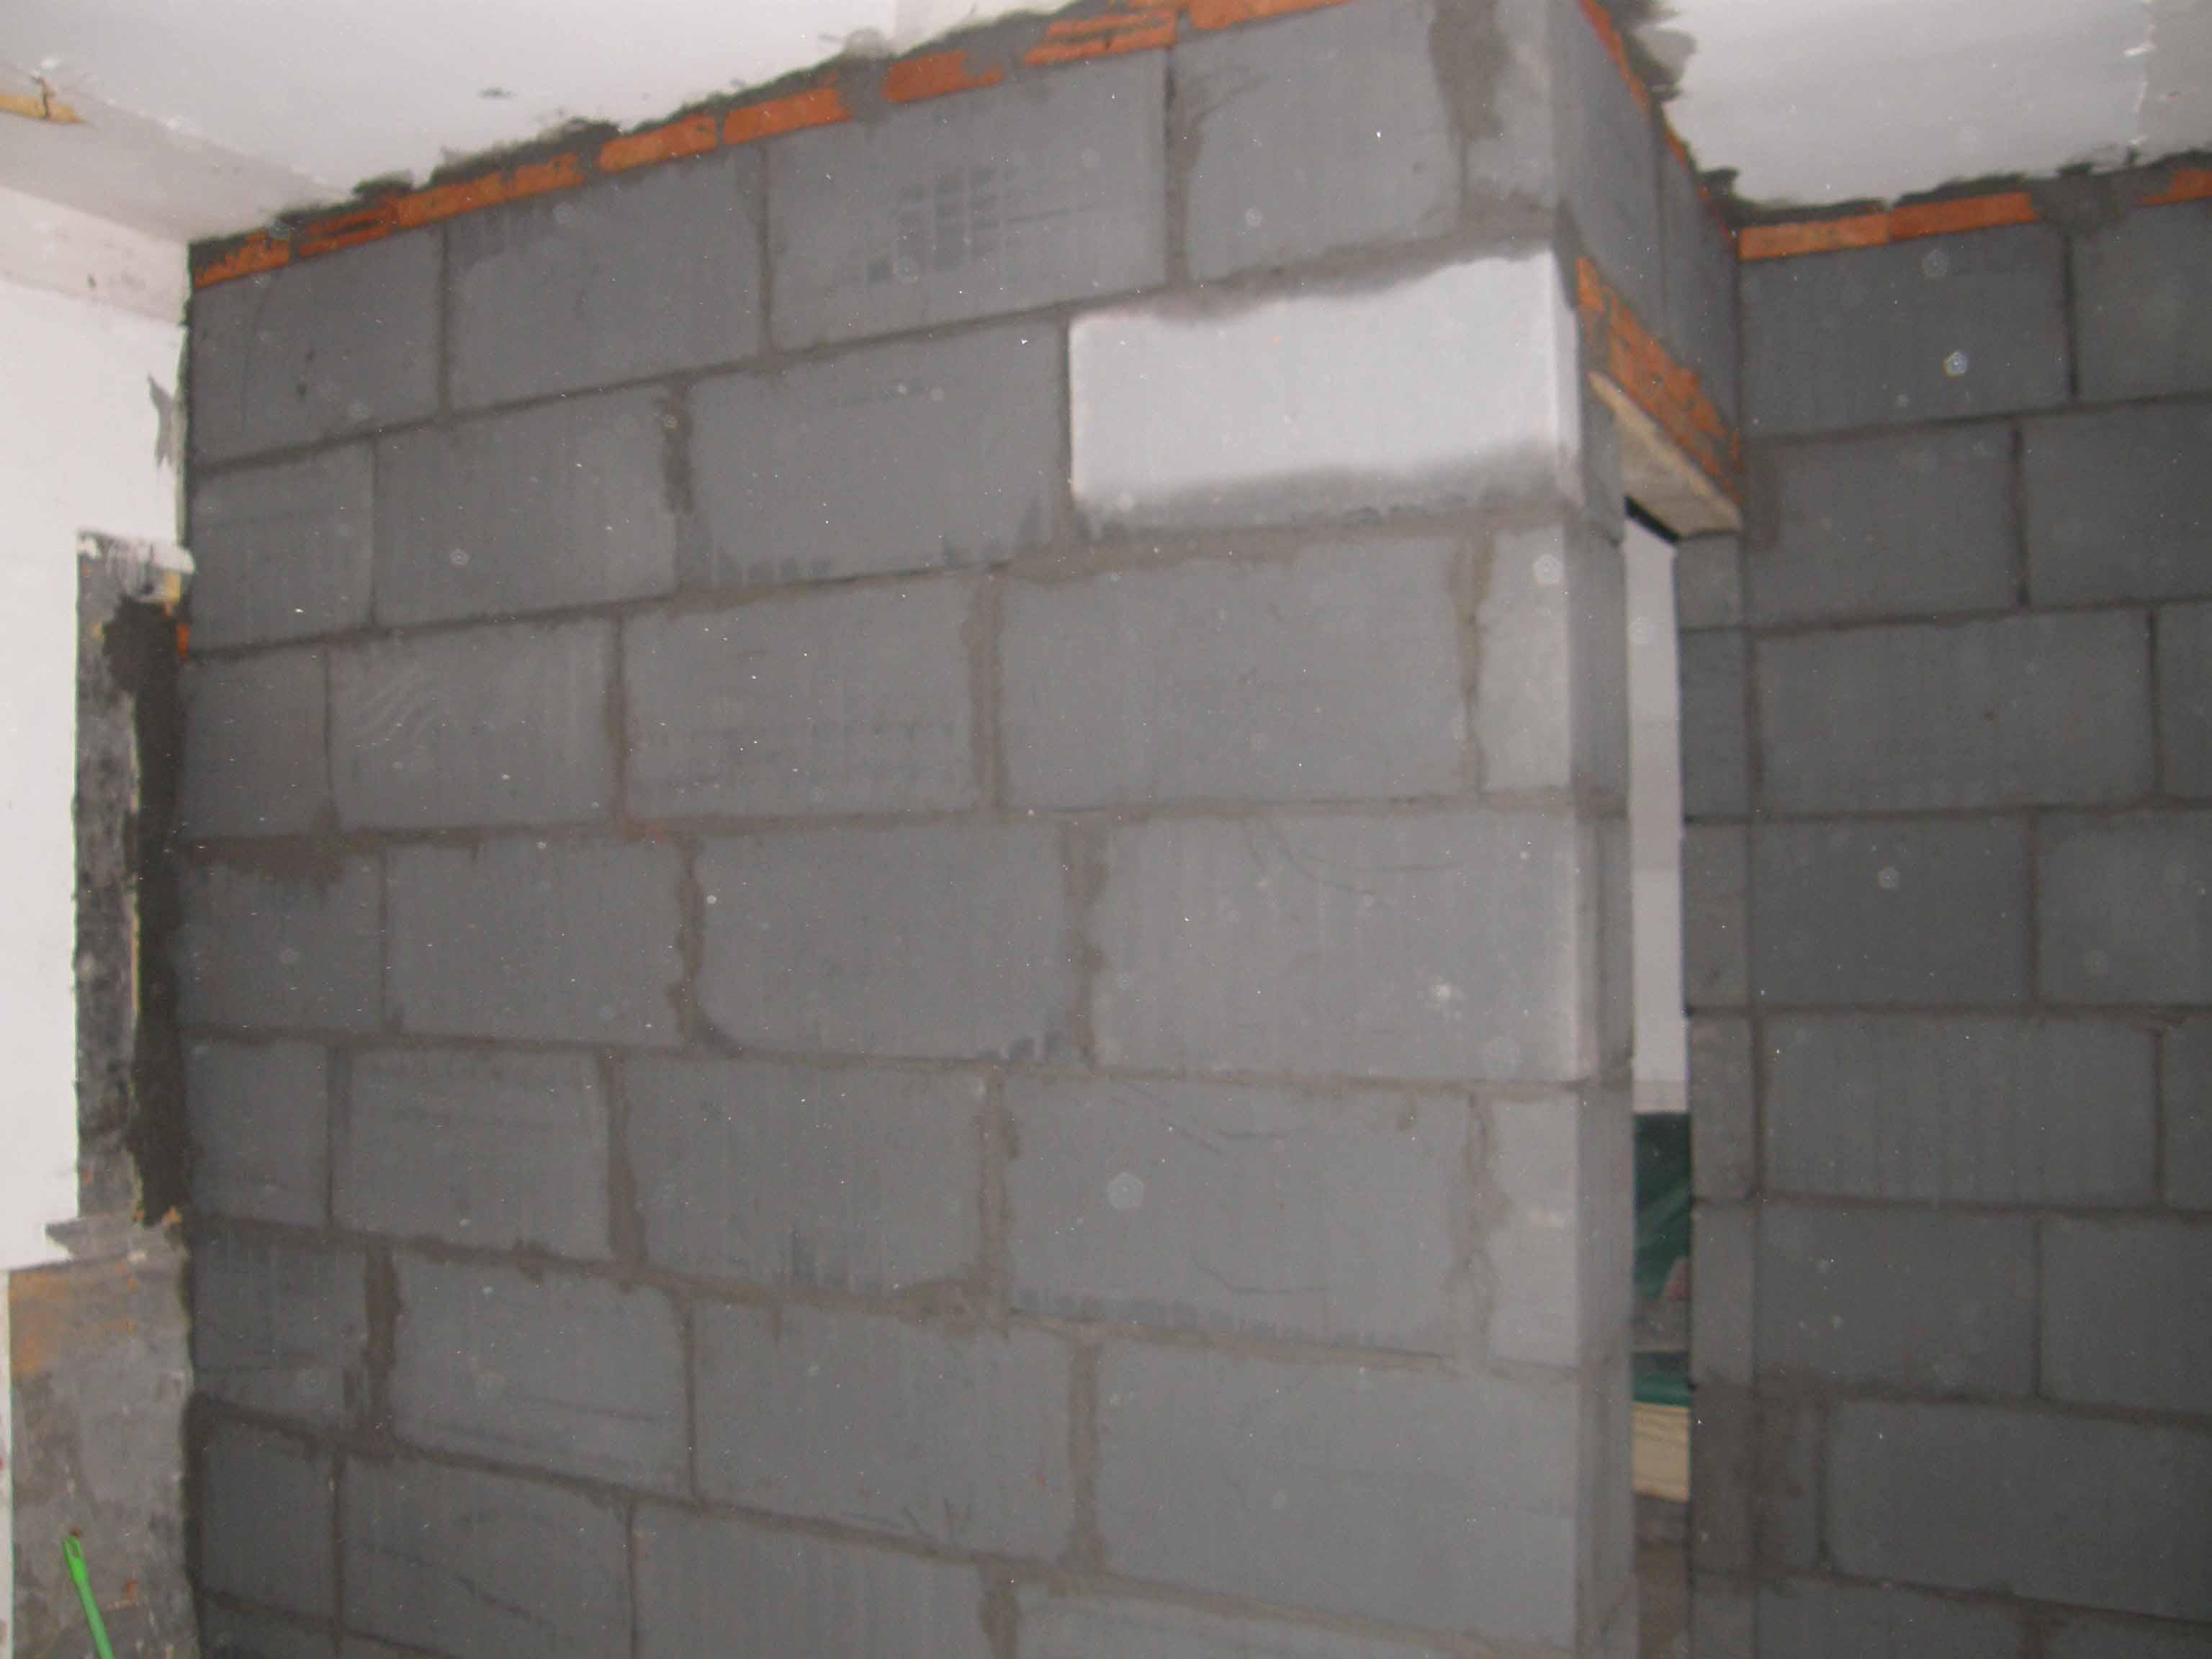 新砌的墙2.jpg 高清图片